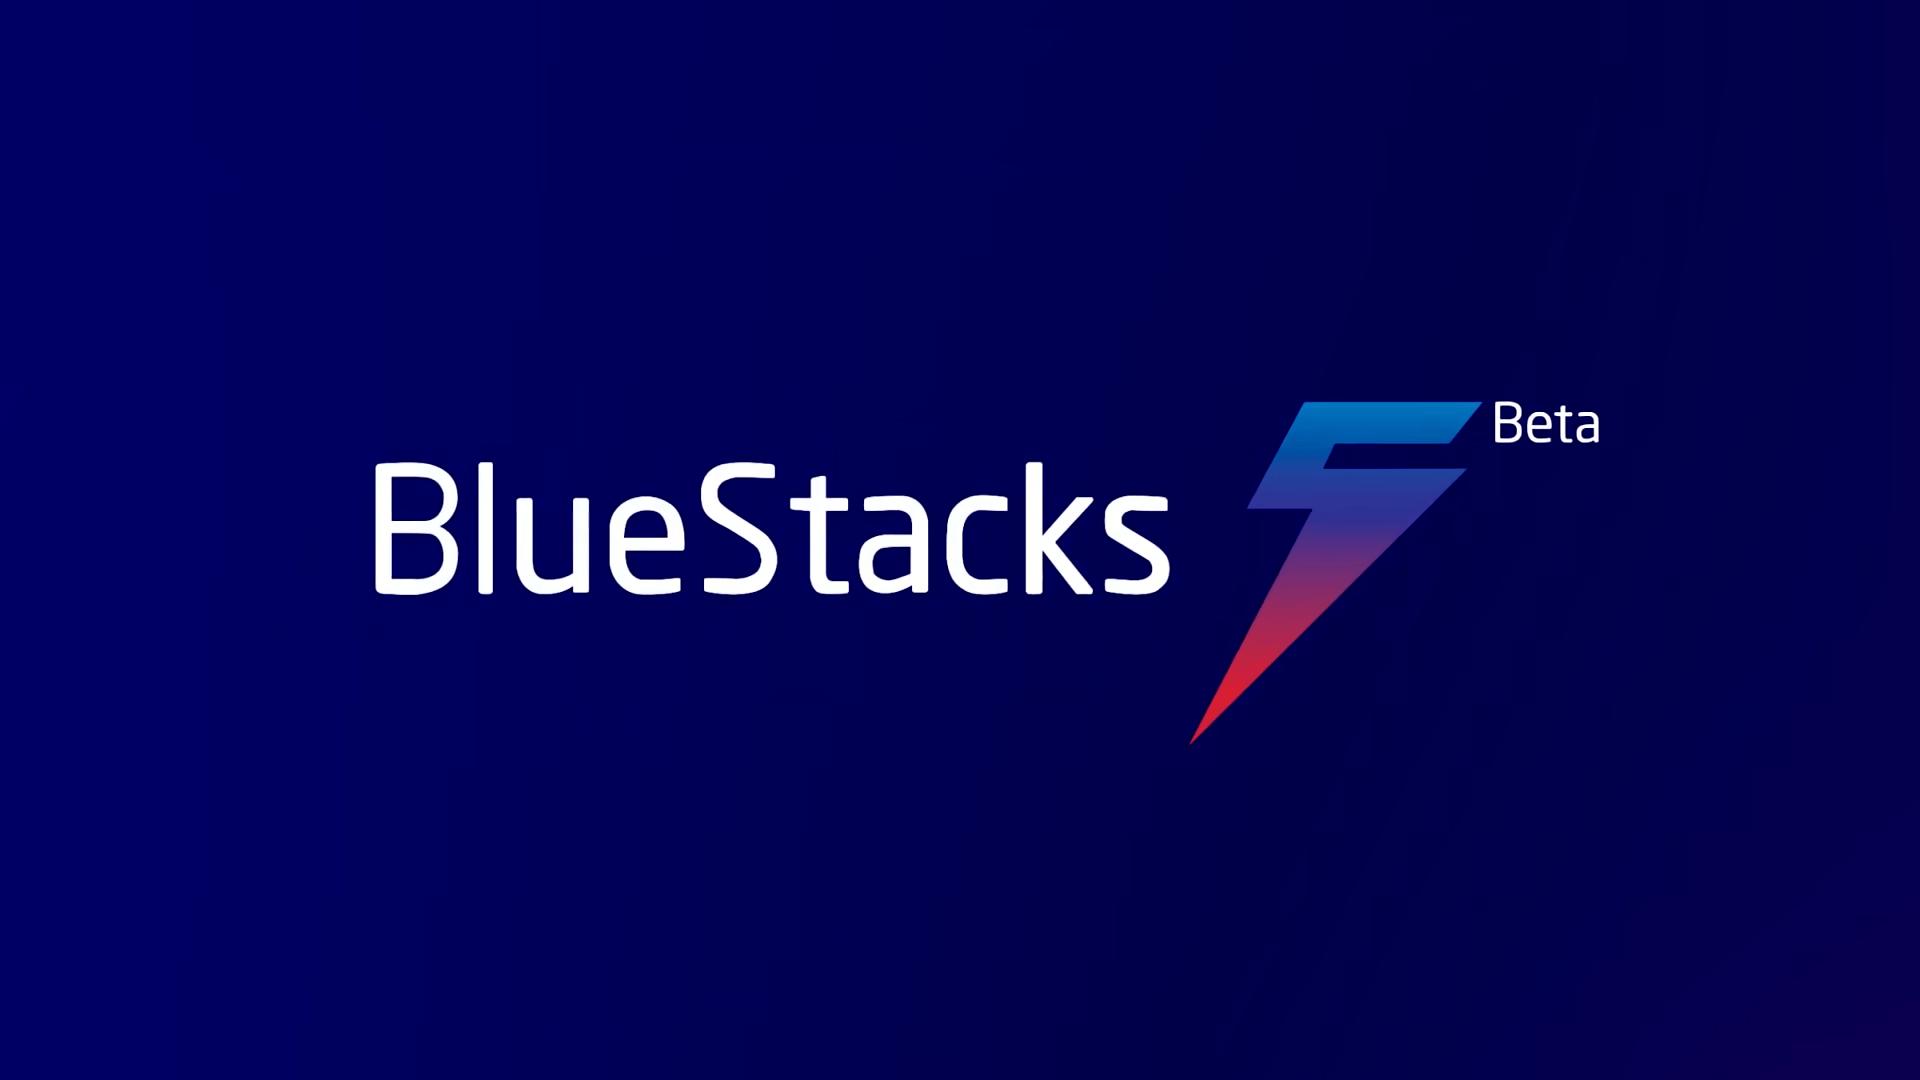 7 lý do bạn nên chuyển sang sử dụng BlueStacks 5